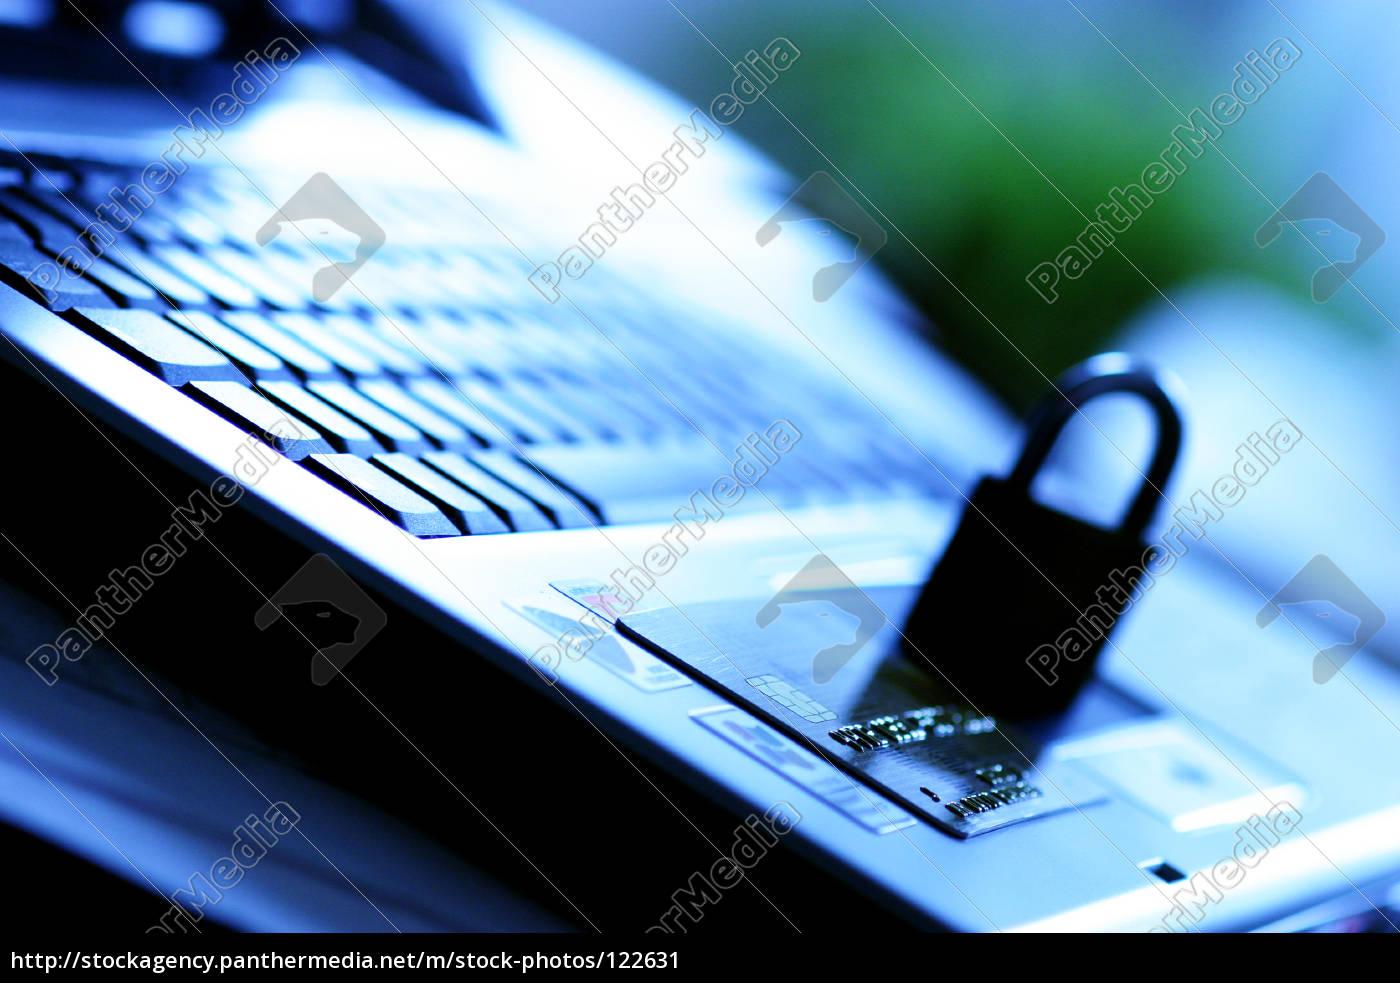 secure, laptop - 122631